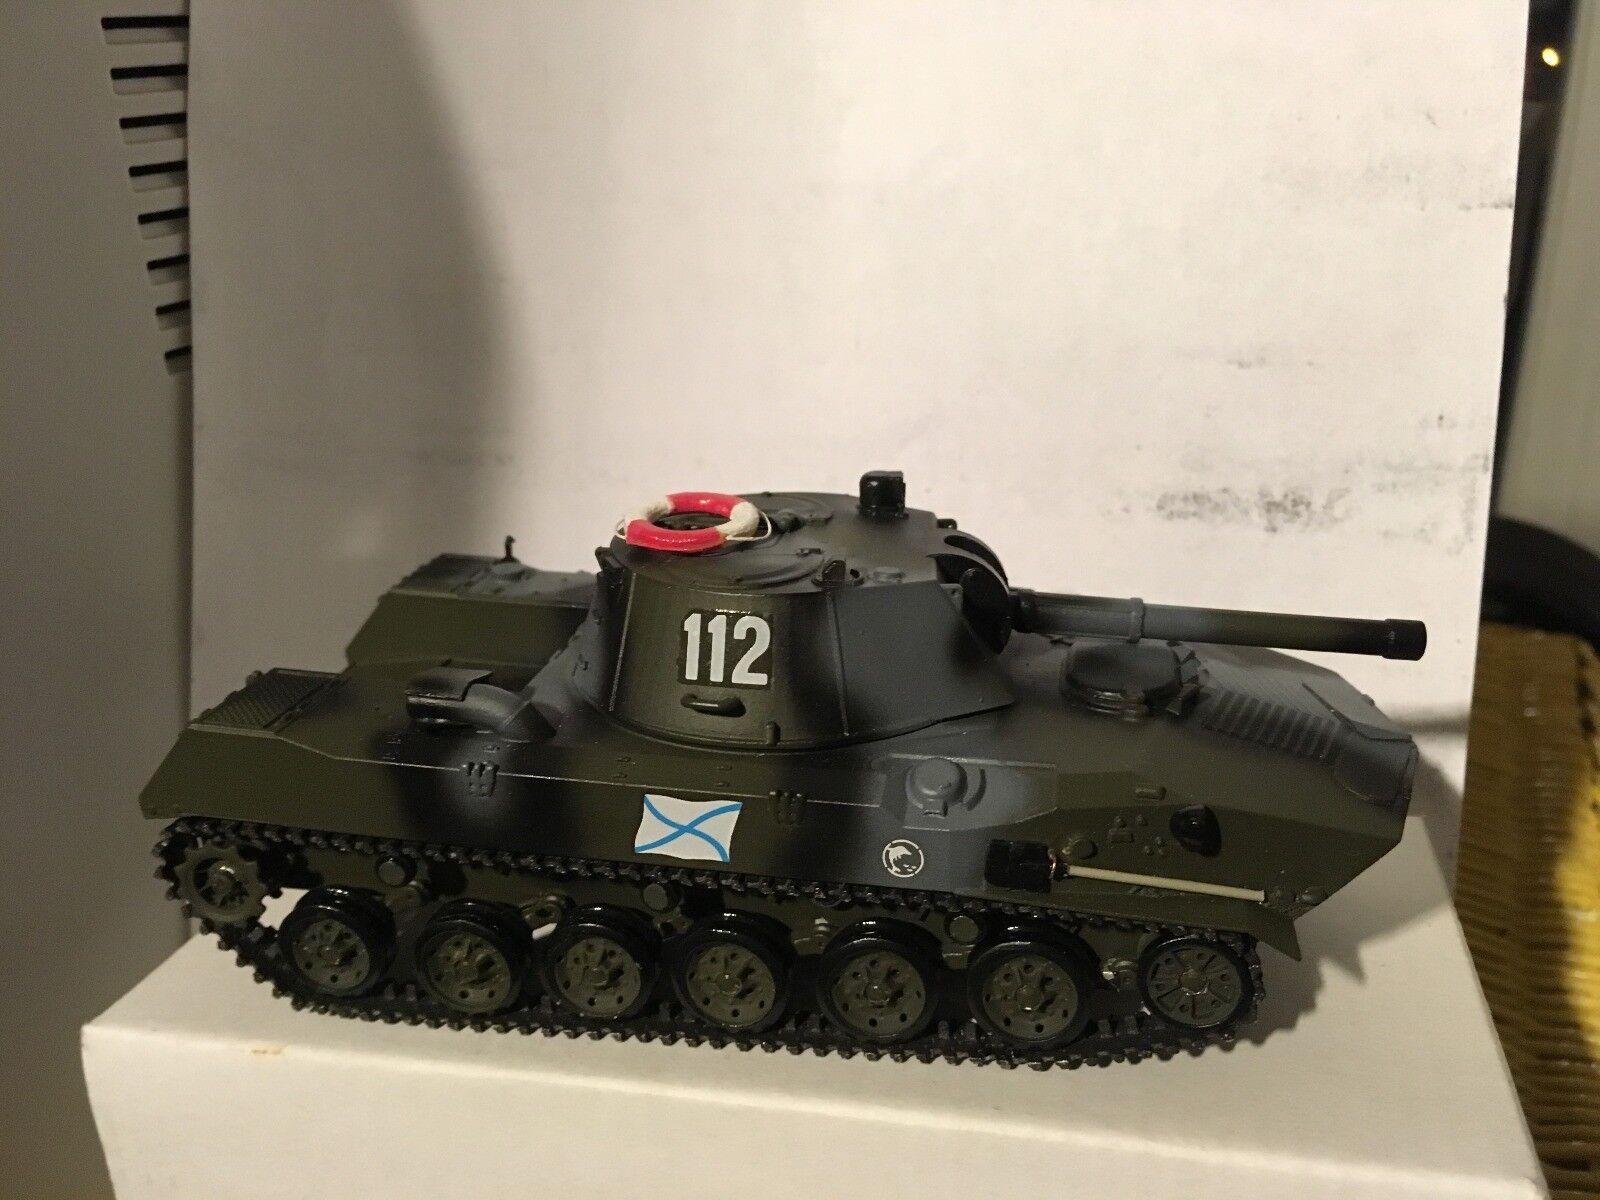 Véhicule BTR-D tourelle mortier NONA, marine russe en résine